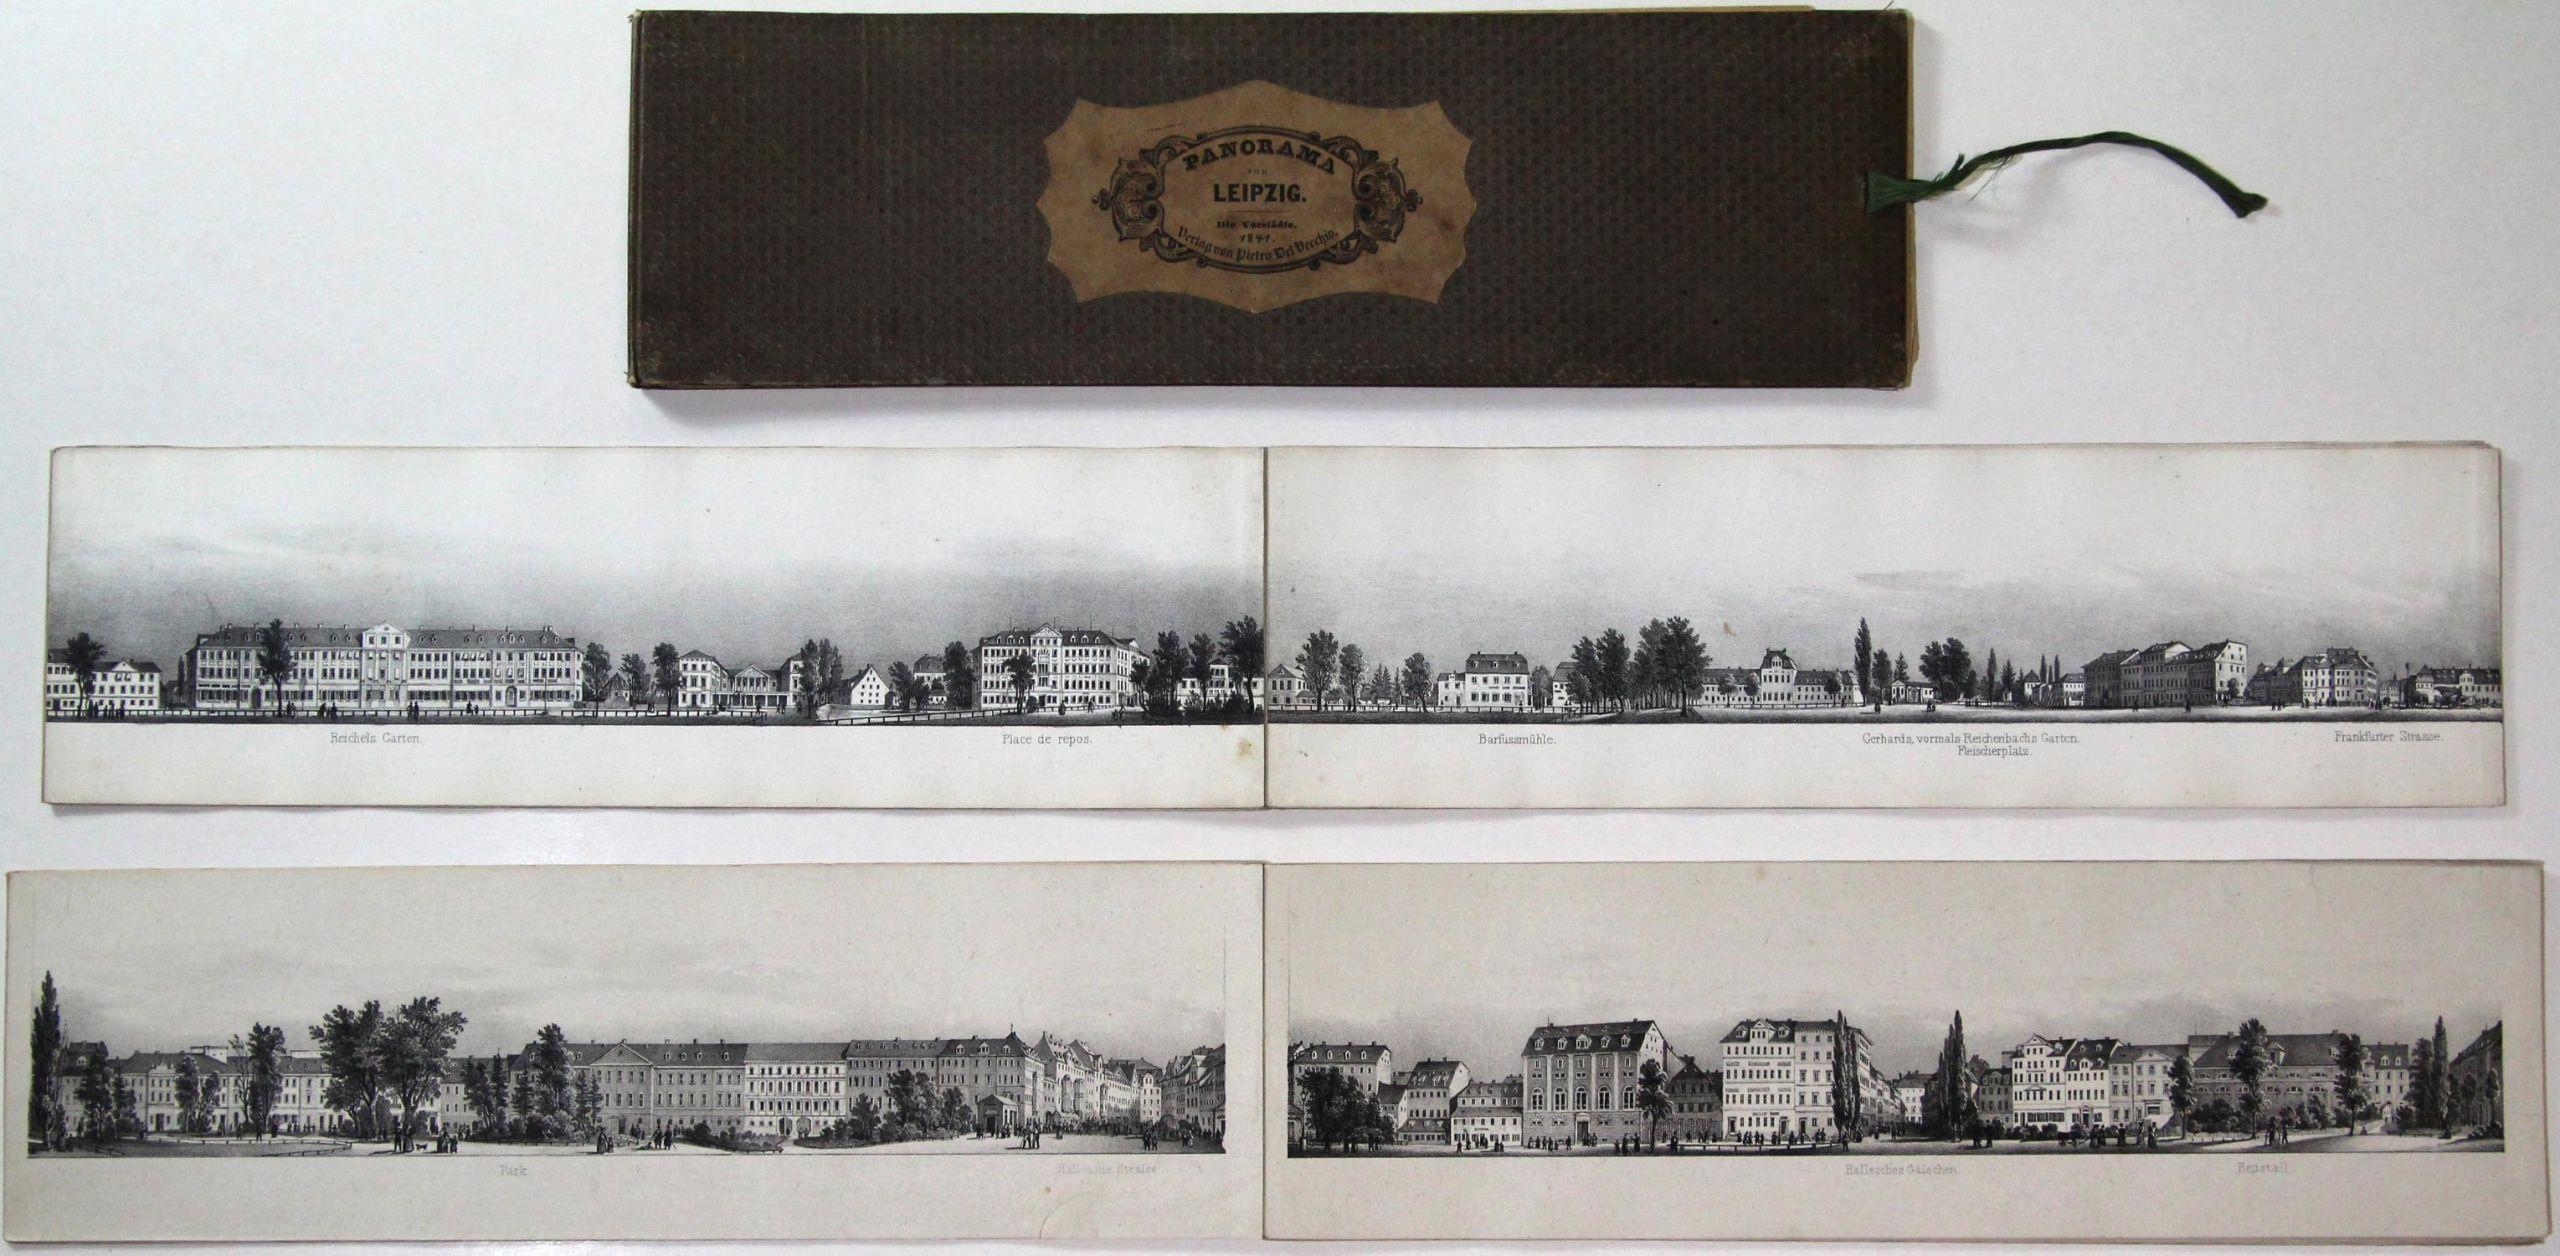 Leipzig Botanischer Garten Luxus Vialibri Rare Books From 1841 Page 20